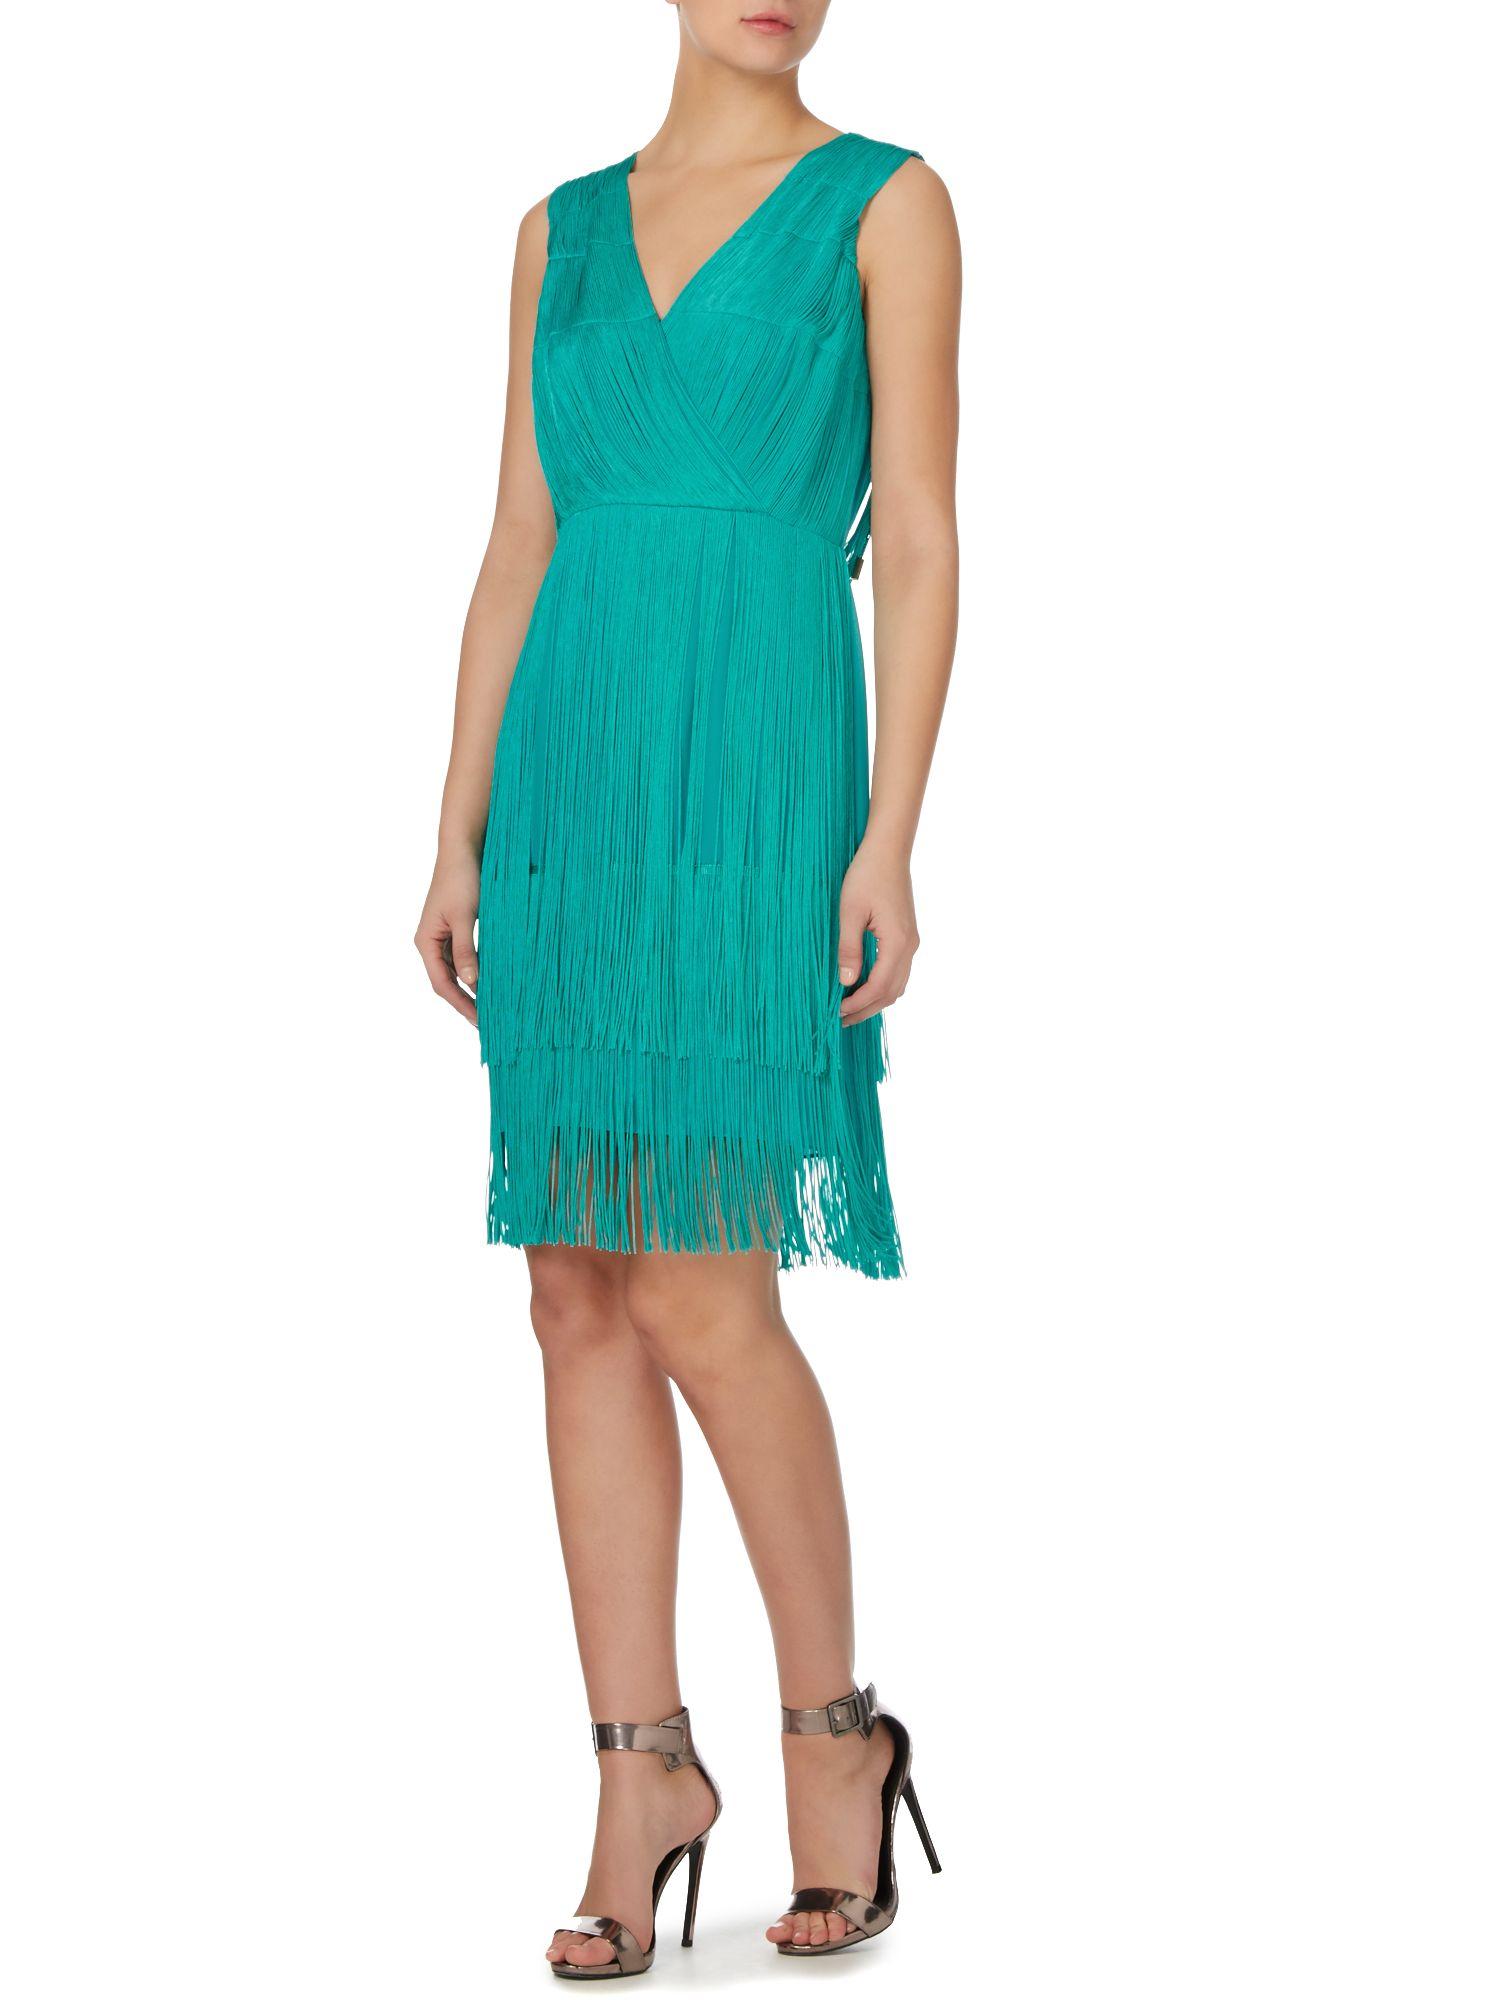 Discount Nicekicks DRESSES - Knee-length dresses Biba Cheap 2018 Discount Professional Online Cheap Cheap Best Seller QBspdC1L6O